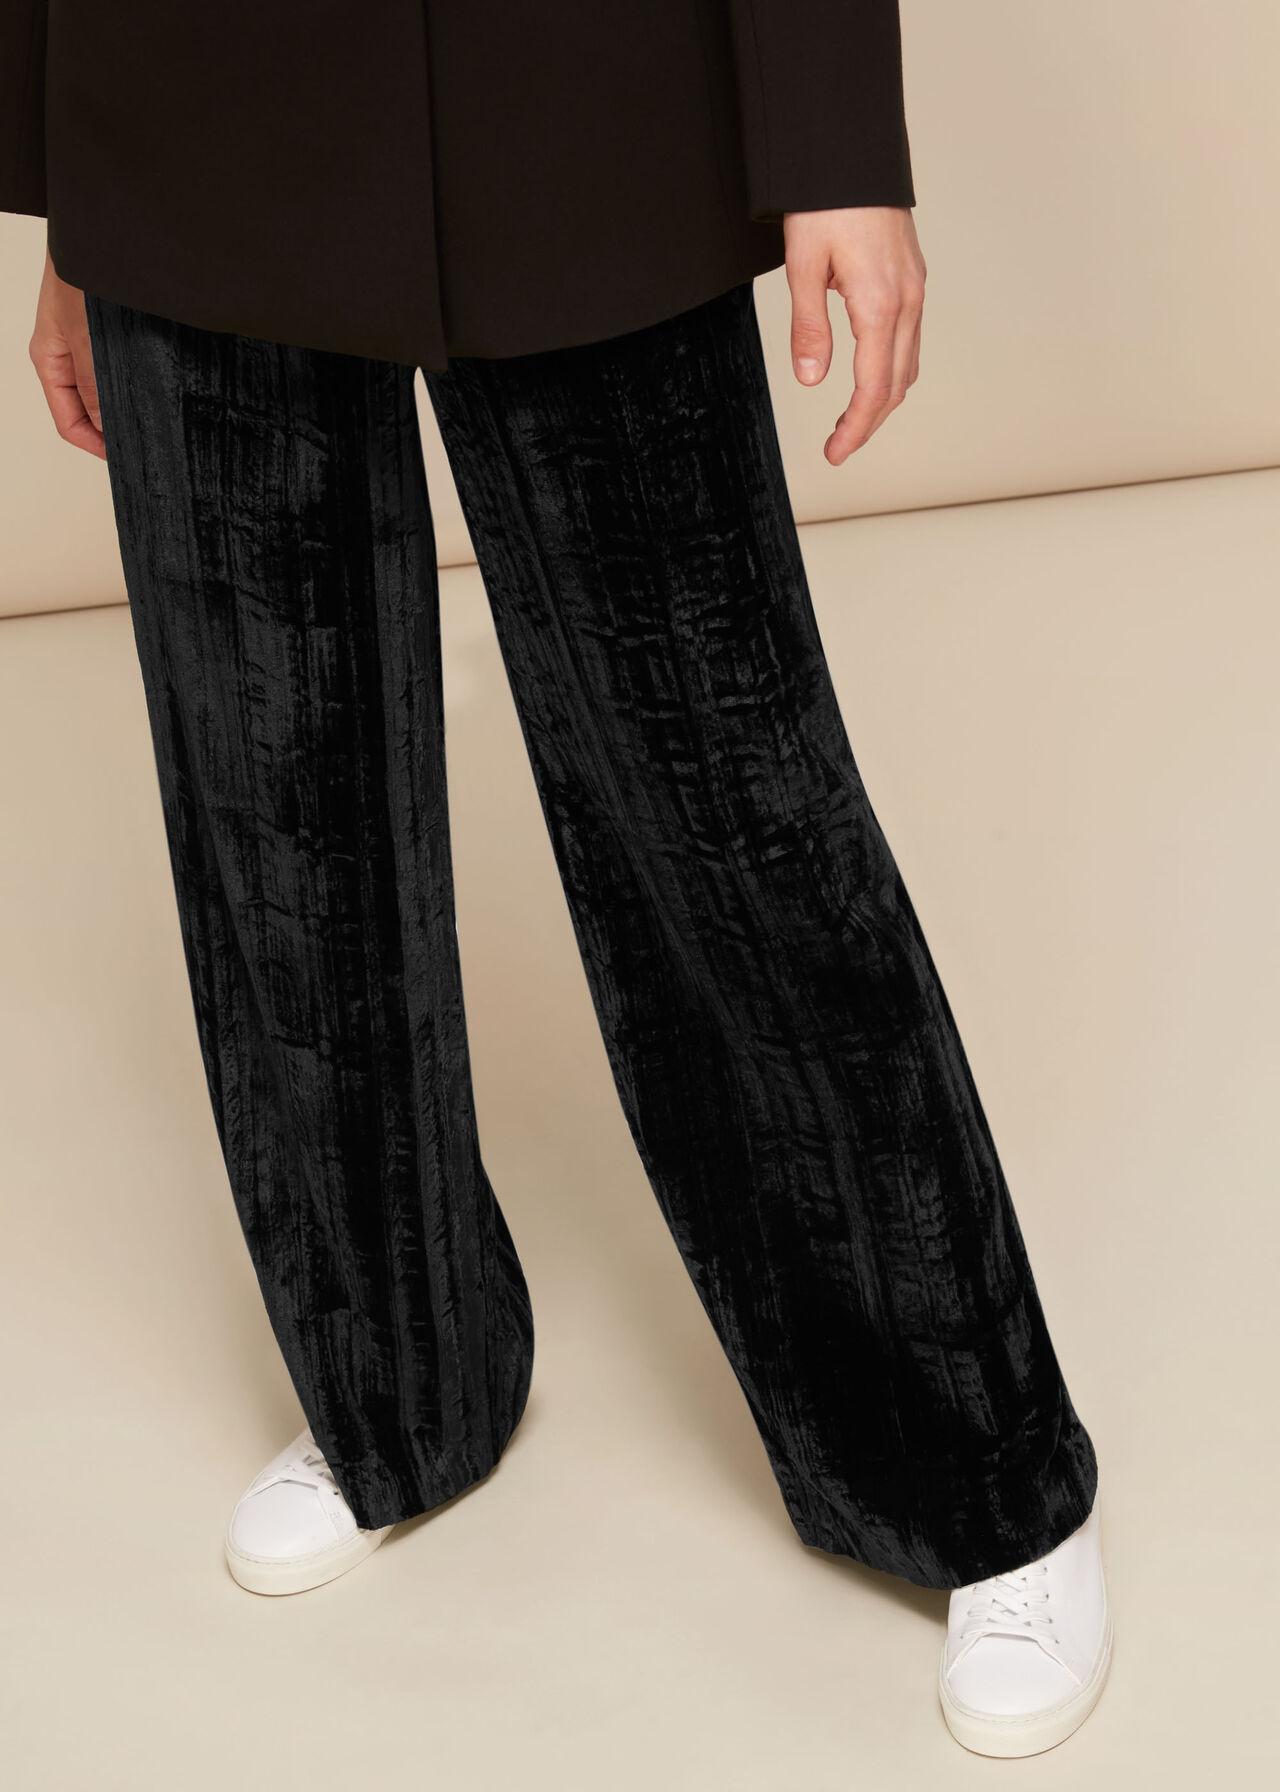 Crushed Velvet Trouser Black